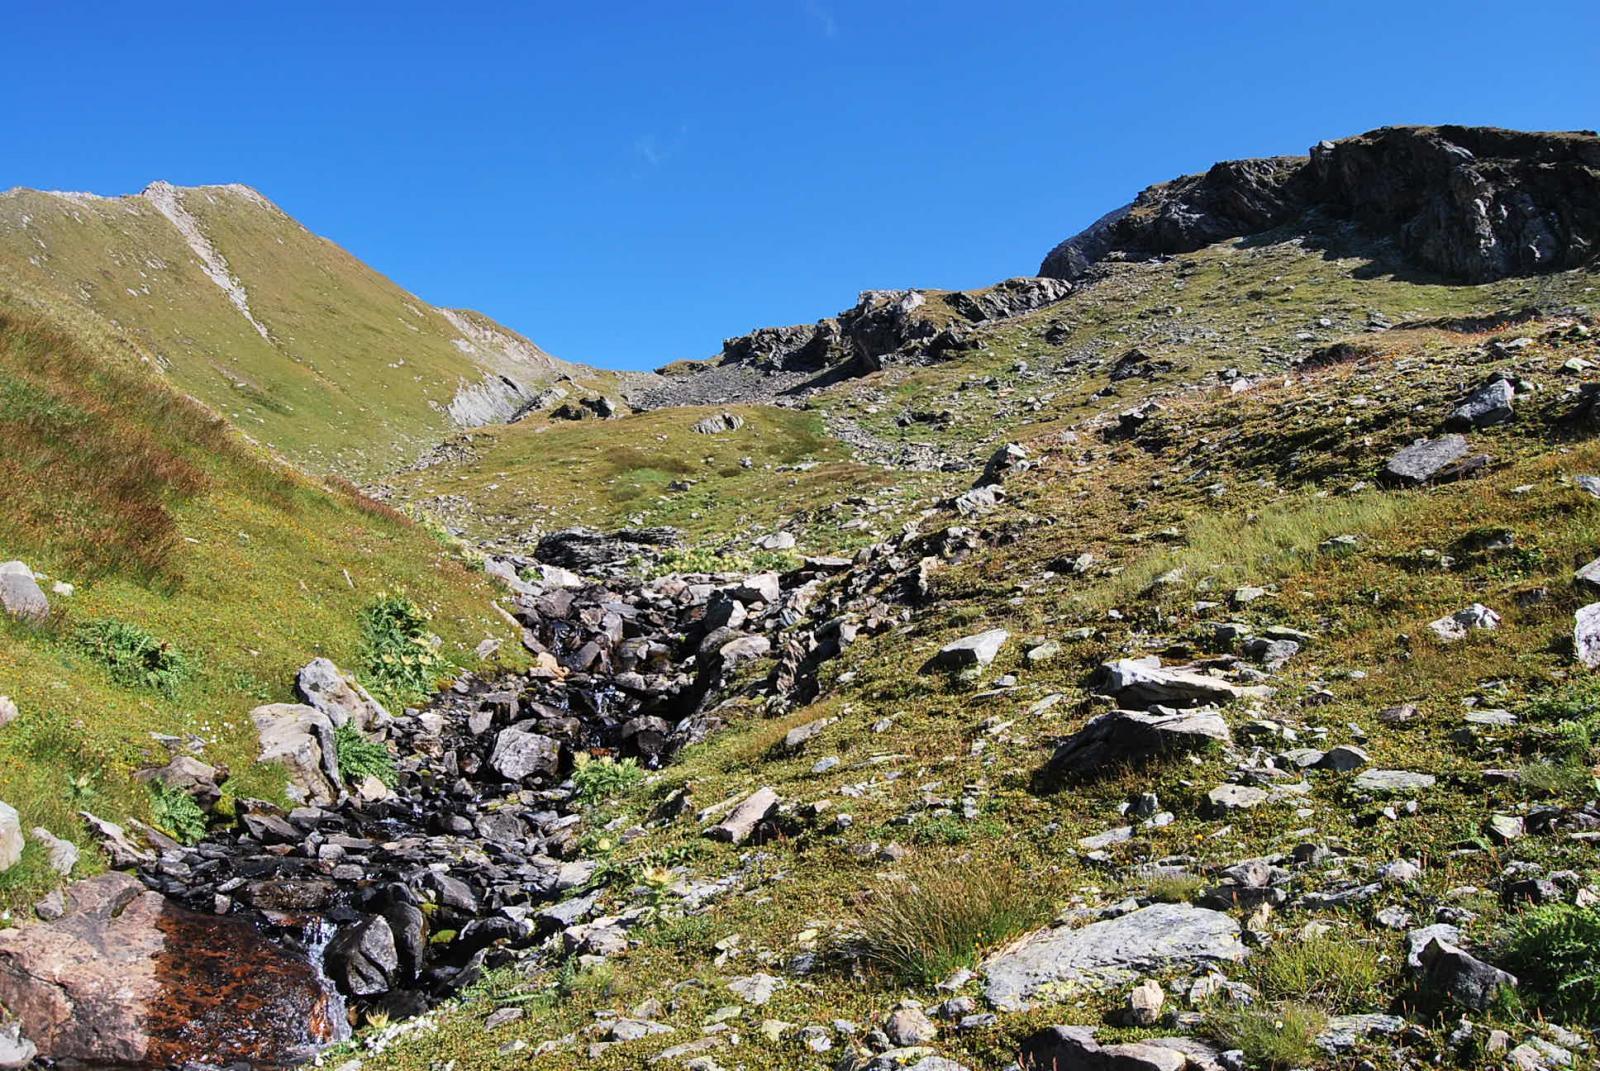 Il vallone superiore, col torrente e ancora presenza d'erba